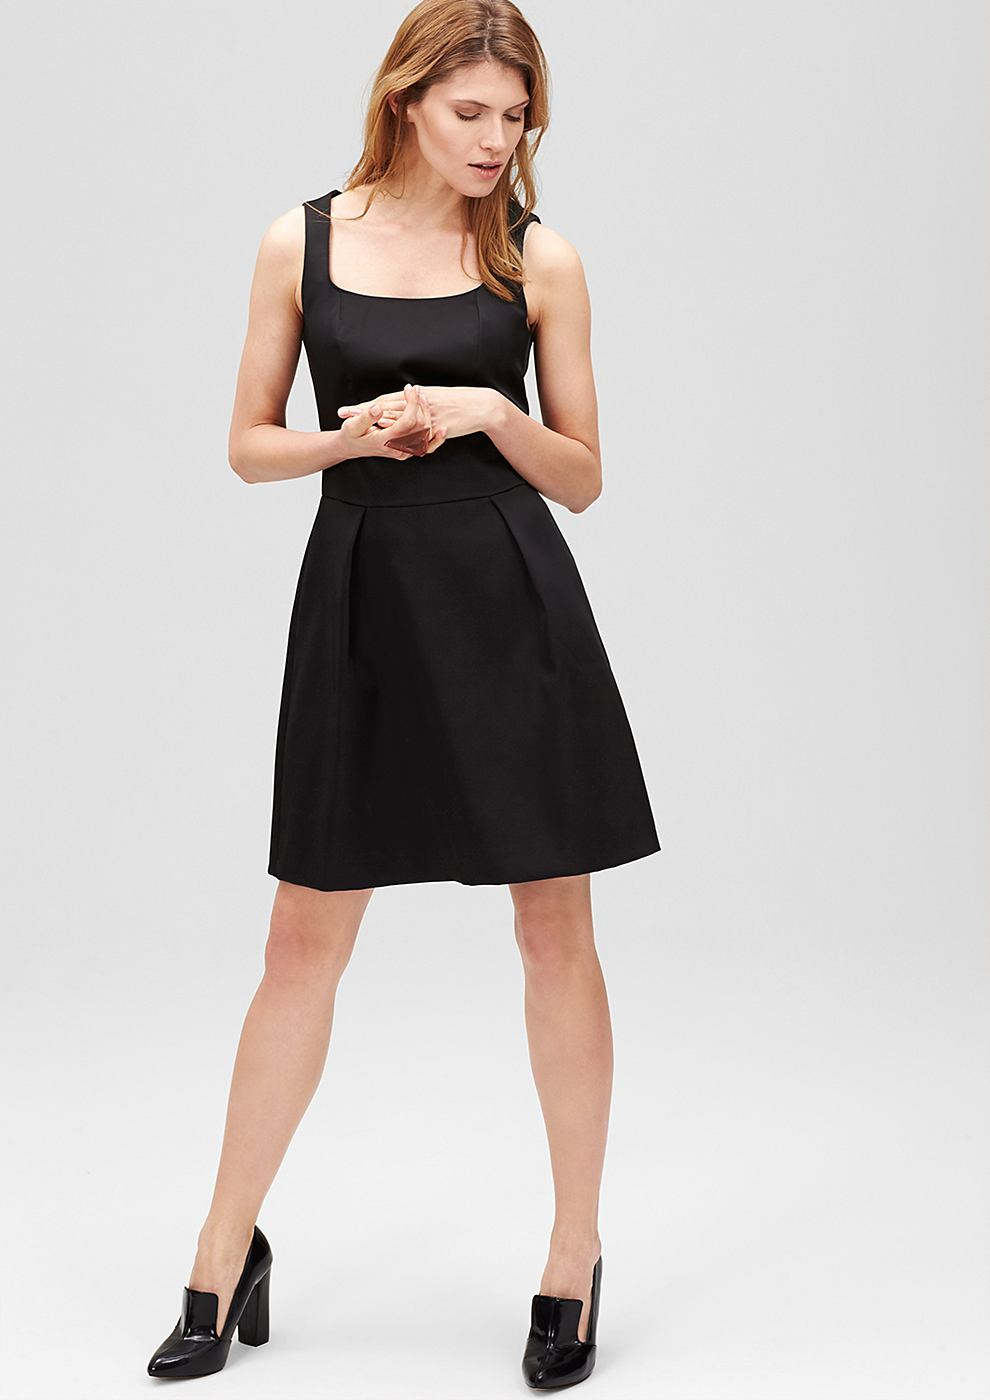 s.Oliver Premium Getailleerde jurk van satijn zwart